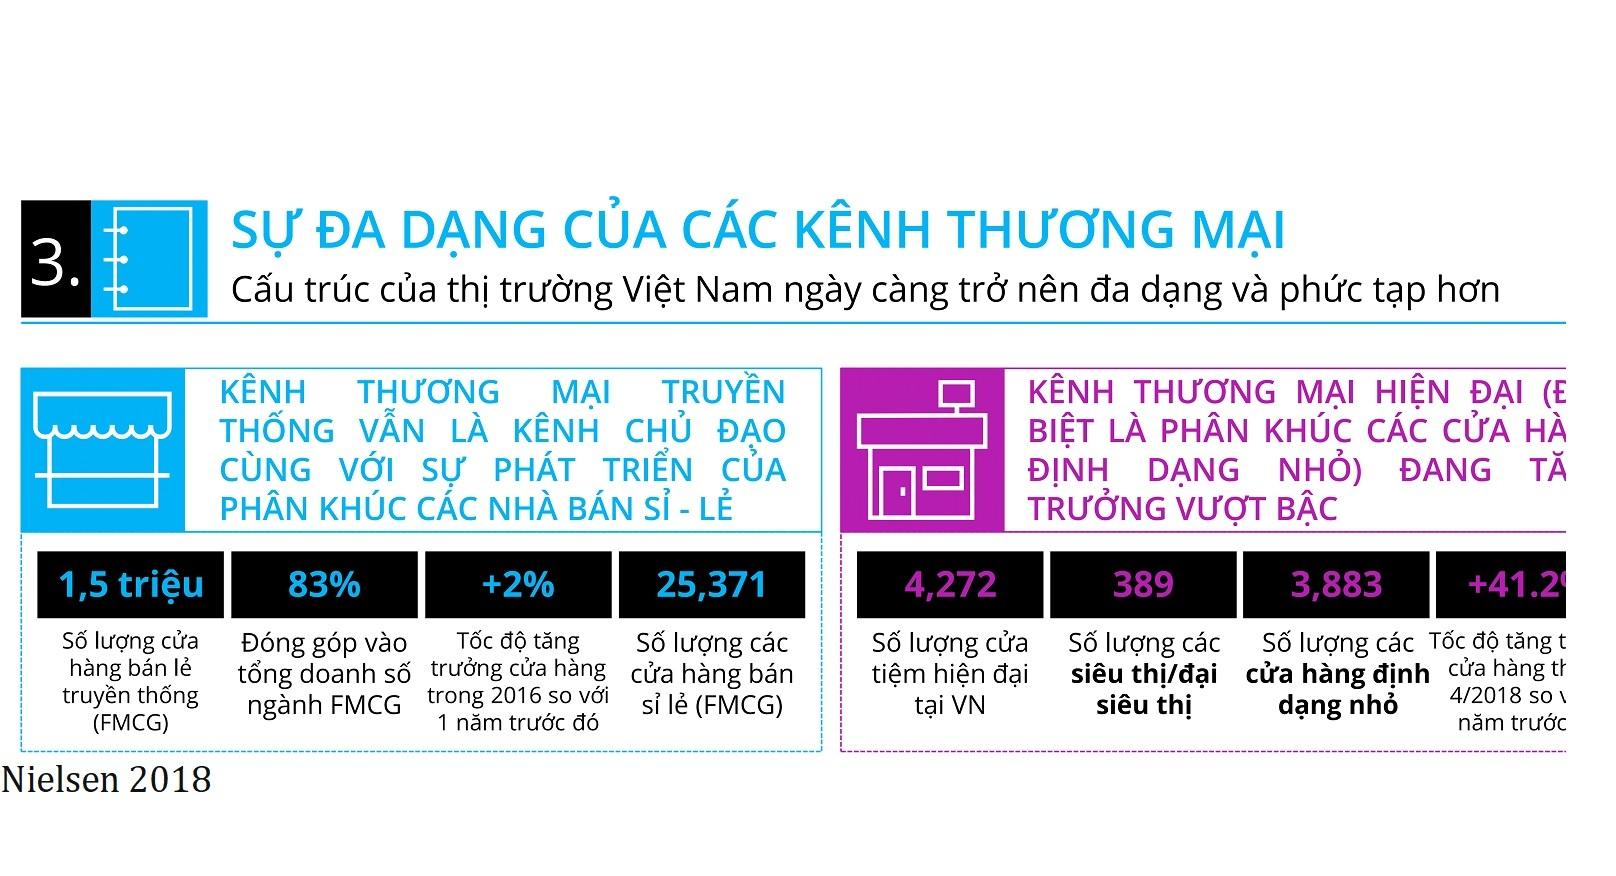 Tỷ phú Thái lấn phần Việt Nam không ngừng nghỉ: 10 tỷ USD chưa là gì